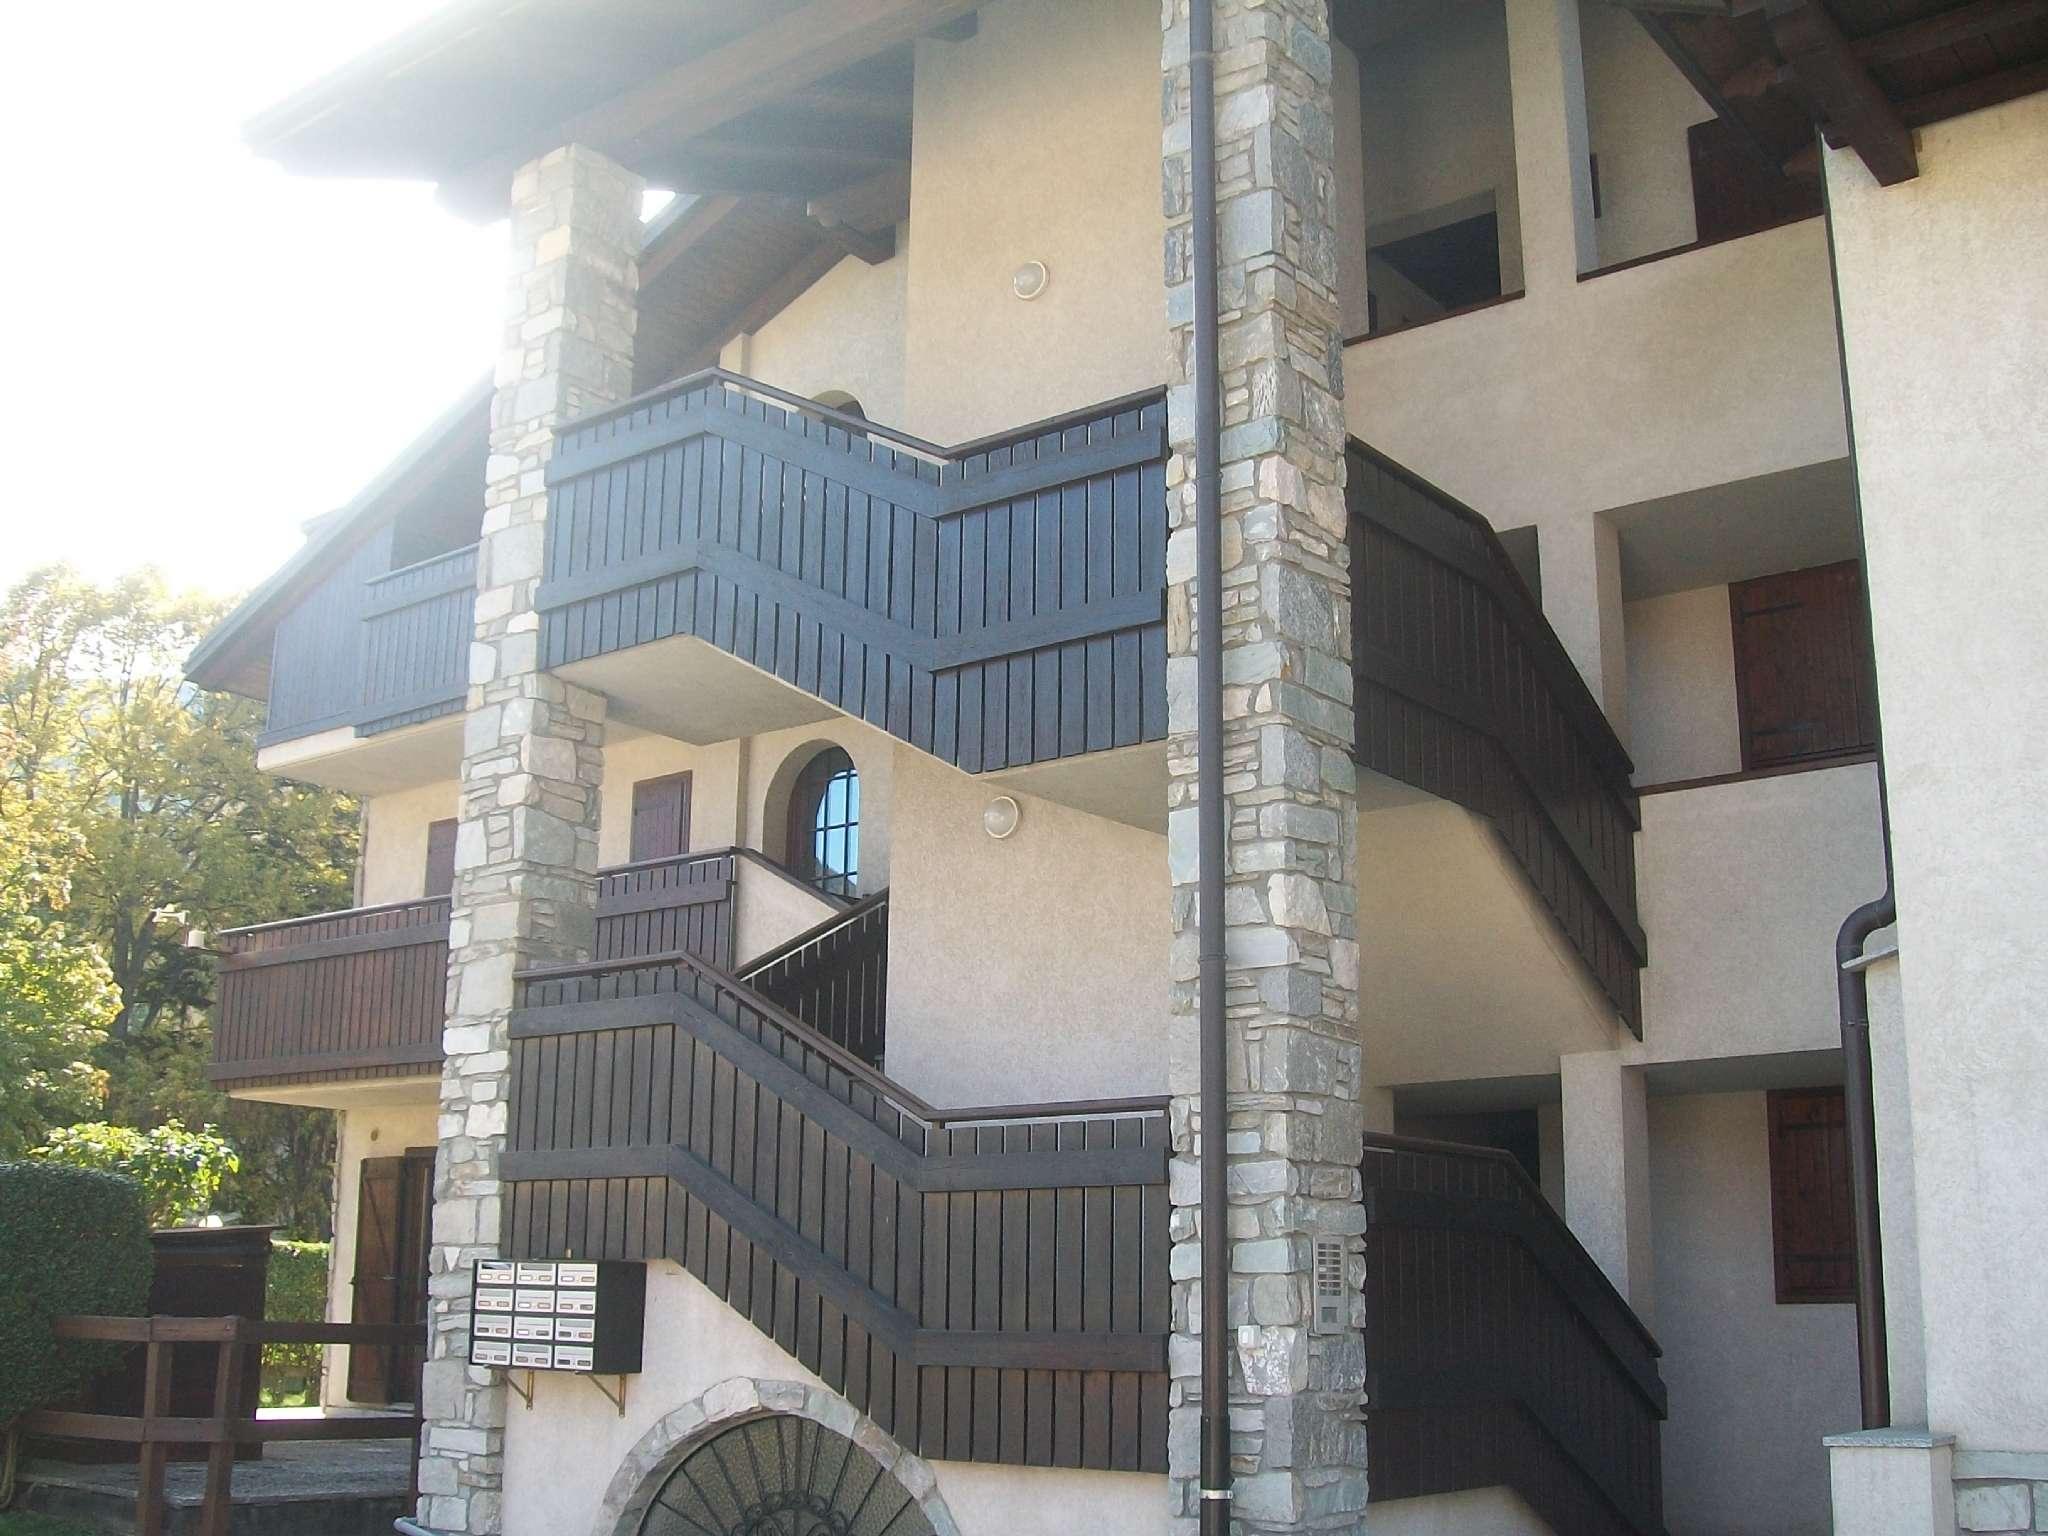 Appartamento in vendita a Oulx, 3 locali, prezzo € 152.000 | CambioCasa.it